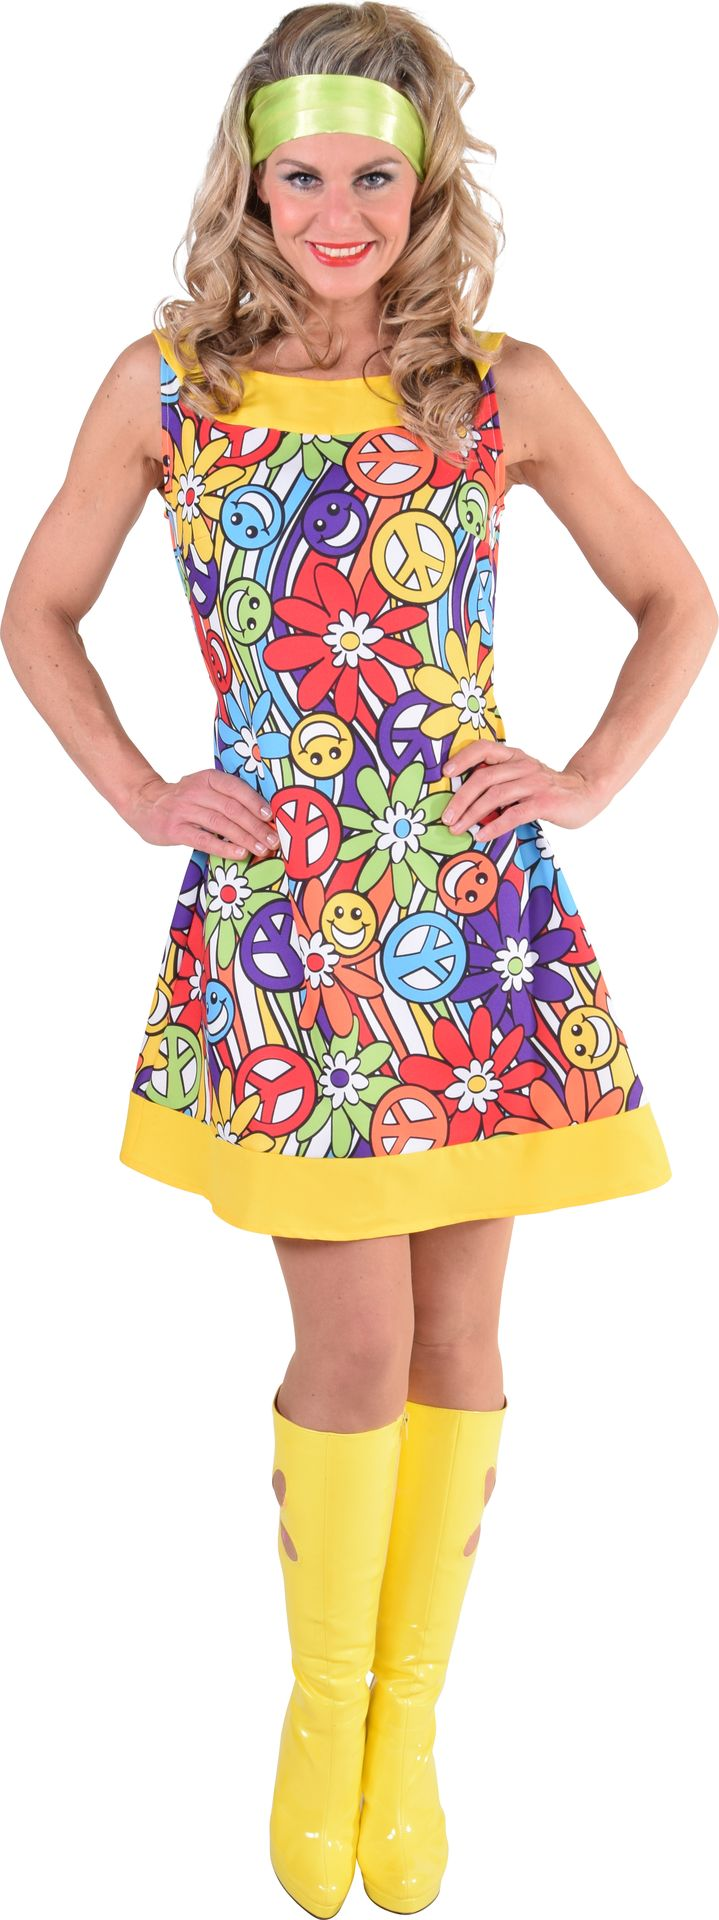 Hippie jurk smileys vrouwen